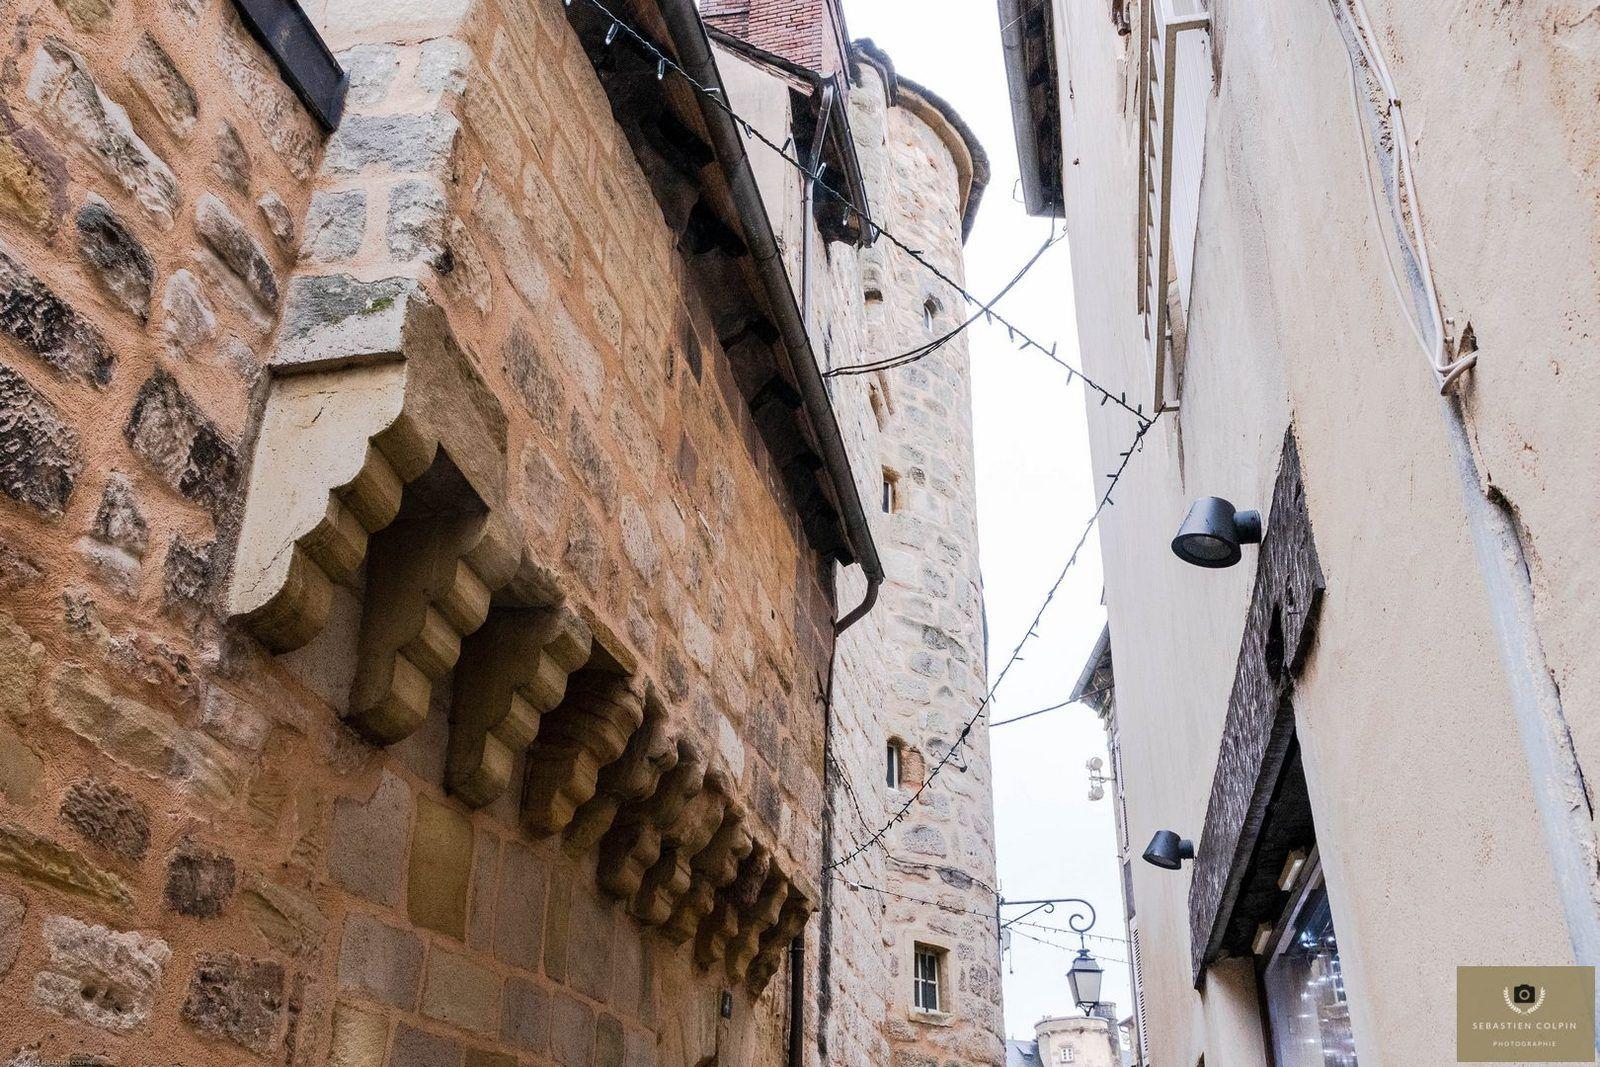 Rues et Places de Brive avec de jolis commerces et une belle architecture